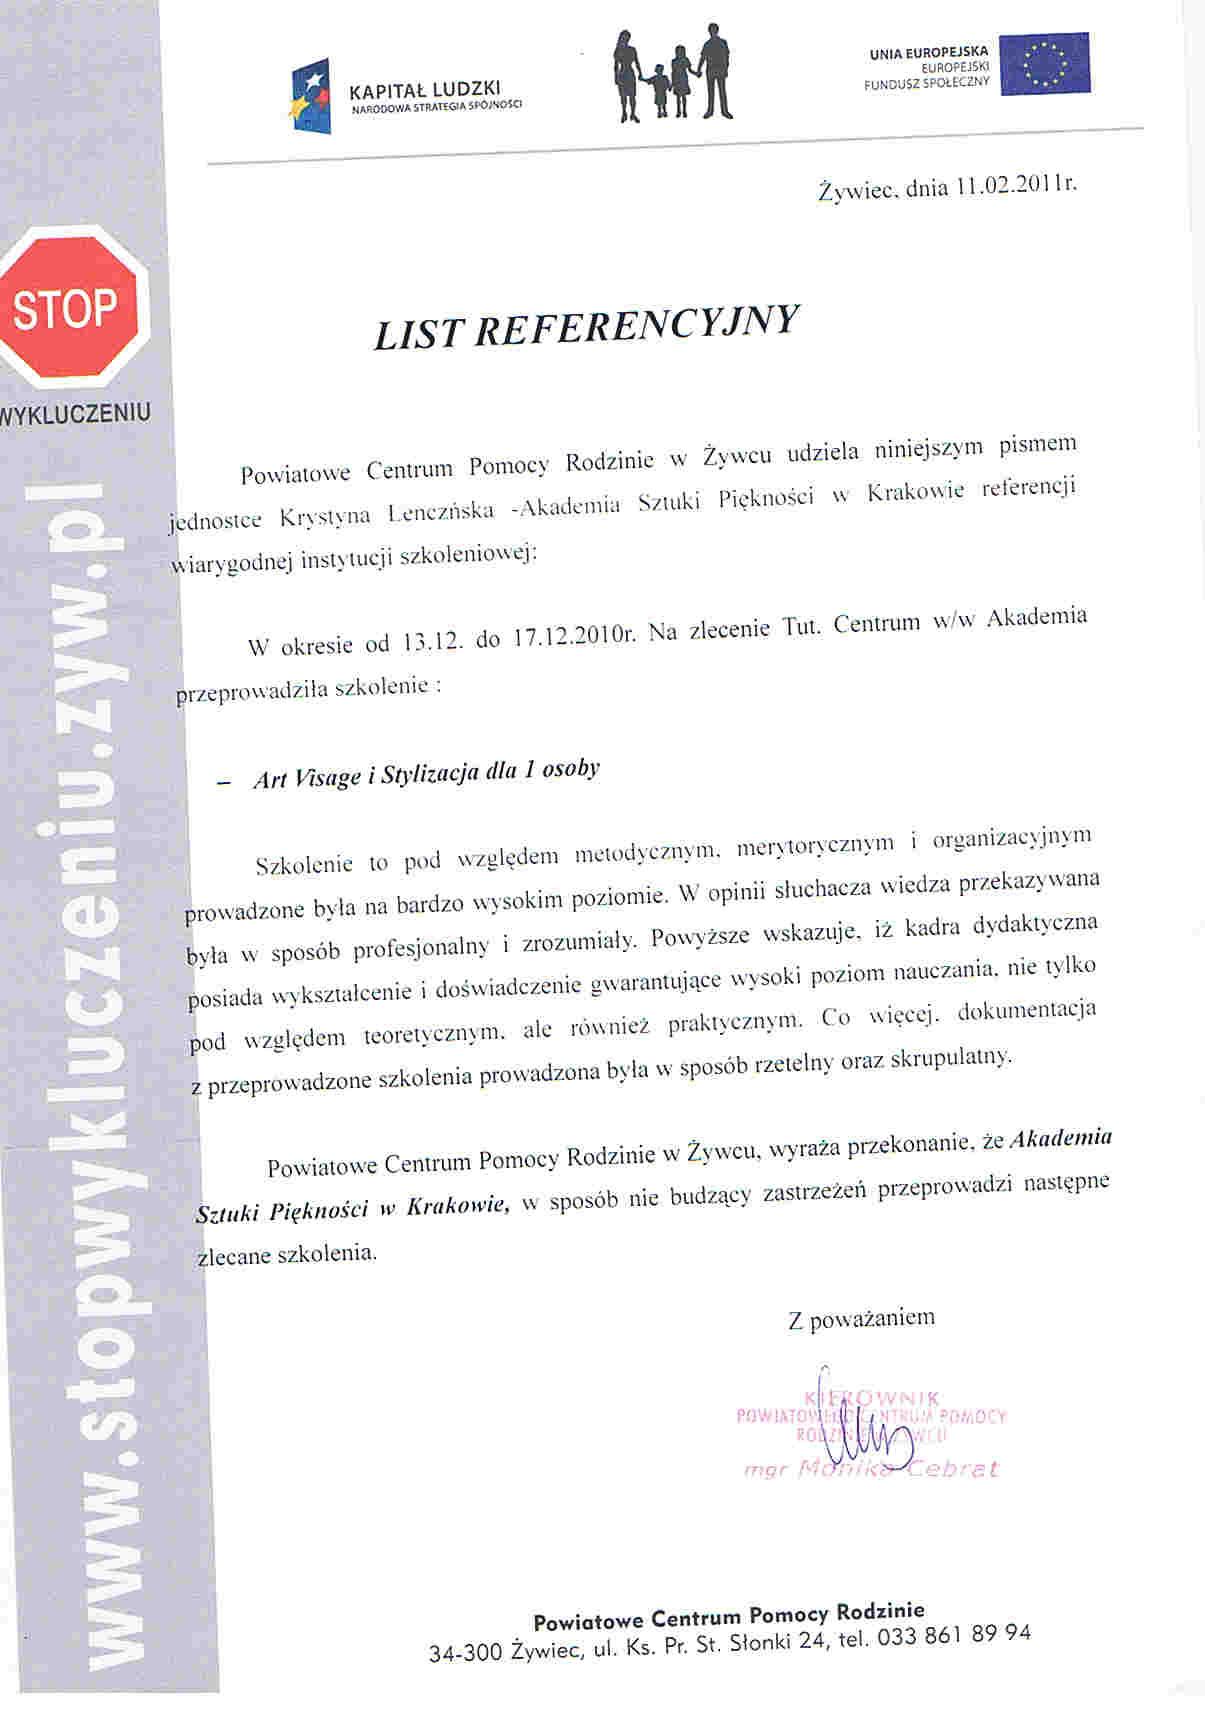 Powiatowe Centrum Pomocy Rodzinie w Żywcu-Żywiec